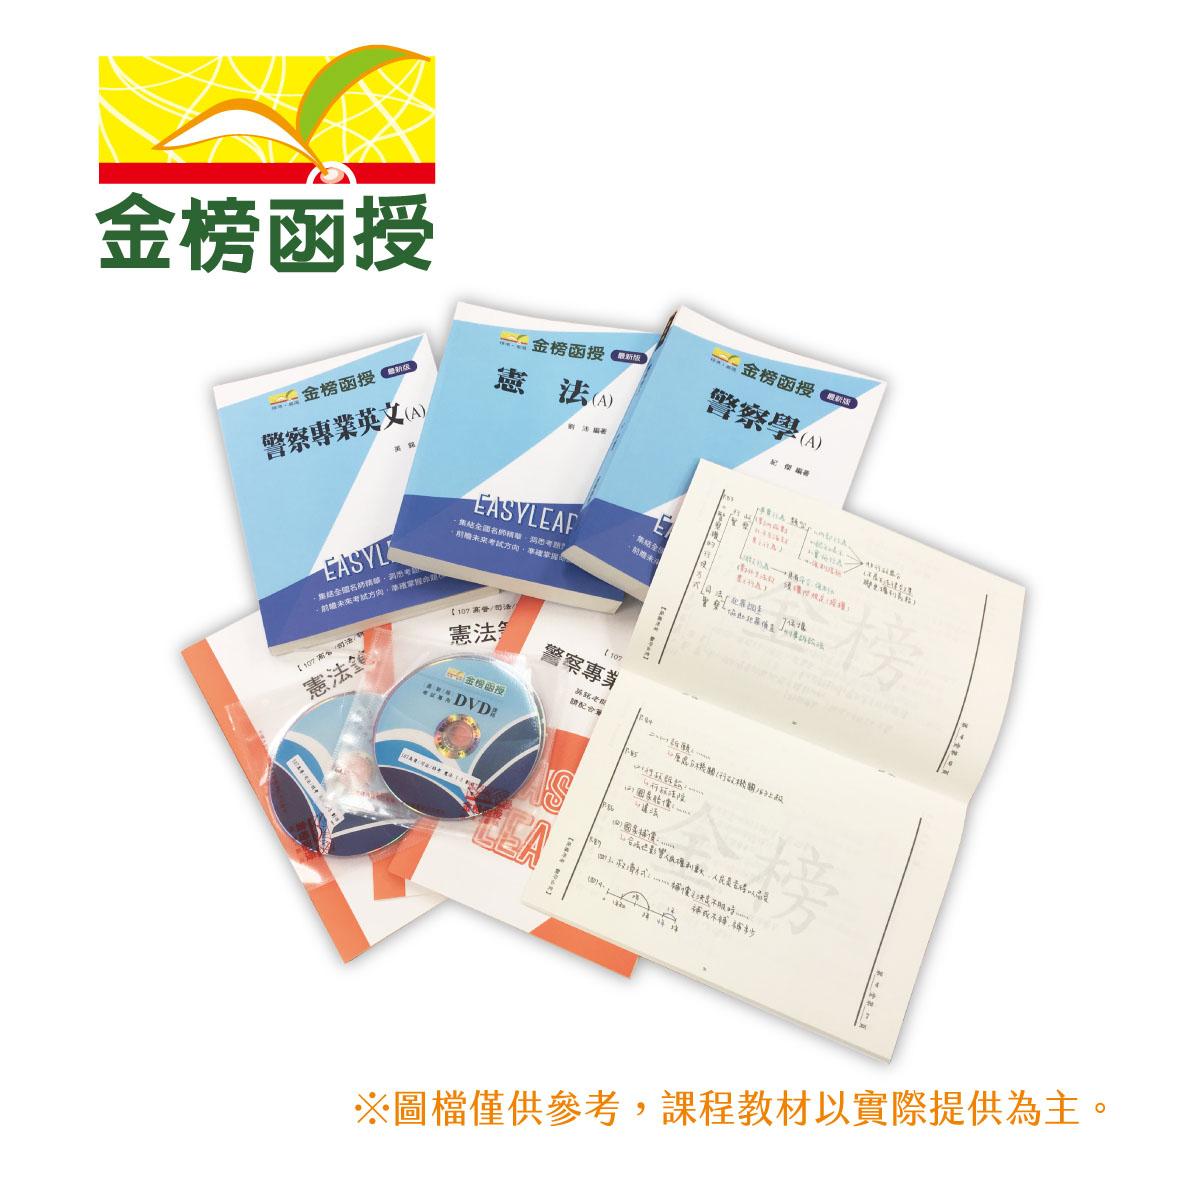 107金榜函授/地方特考/四等/全套/财税行政/云端